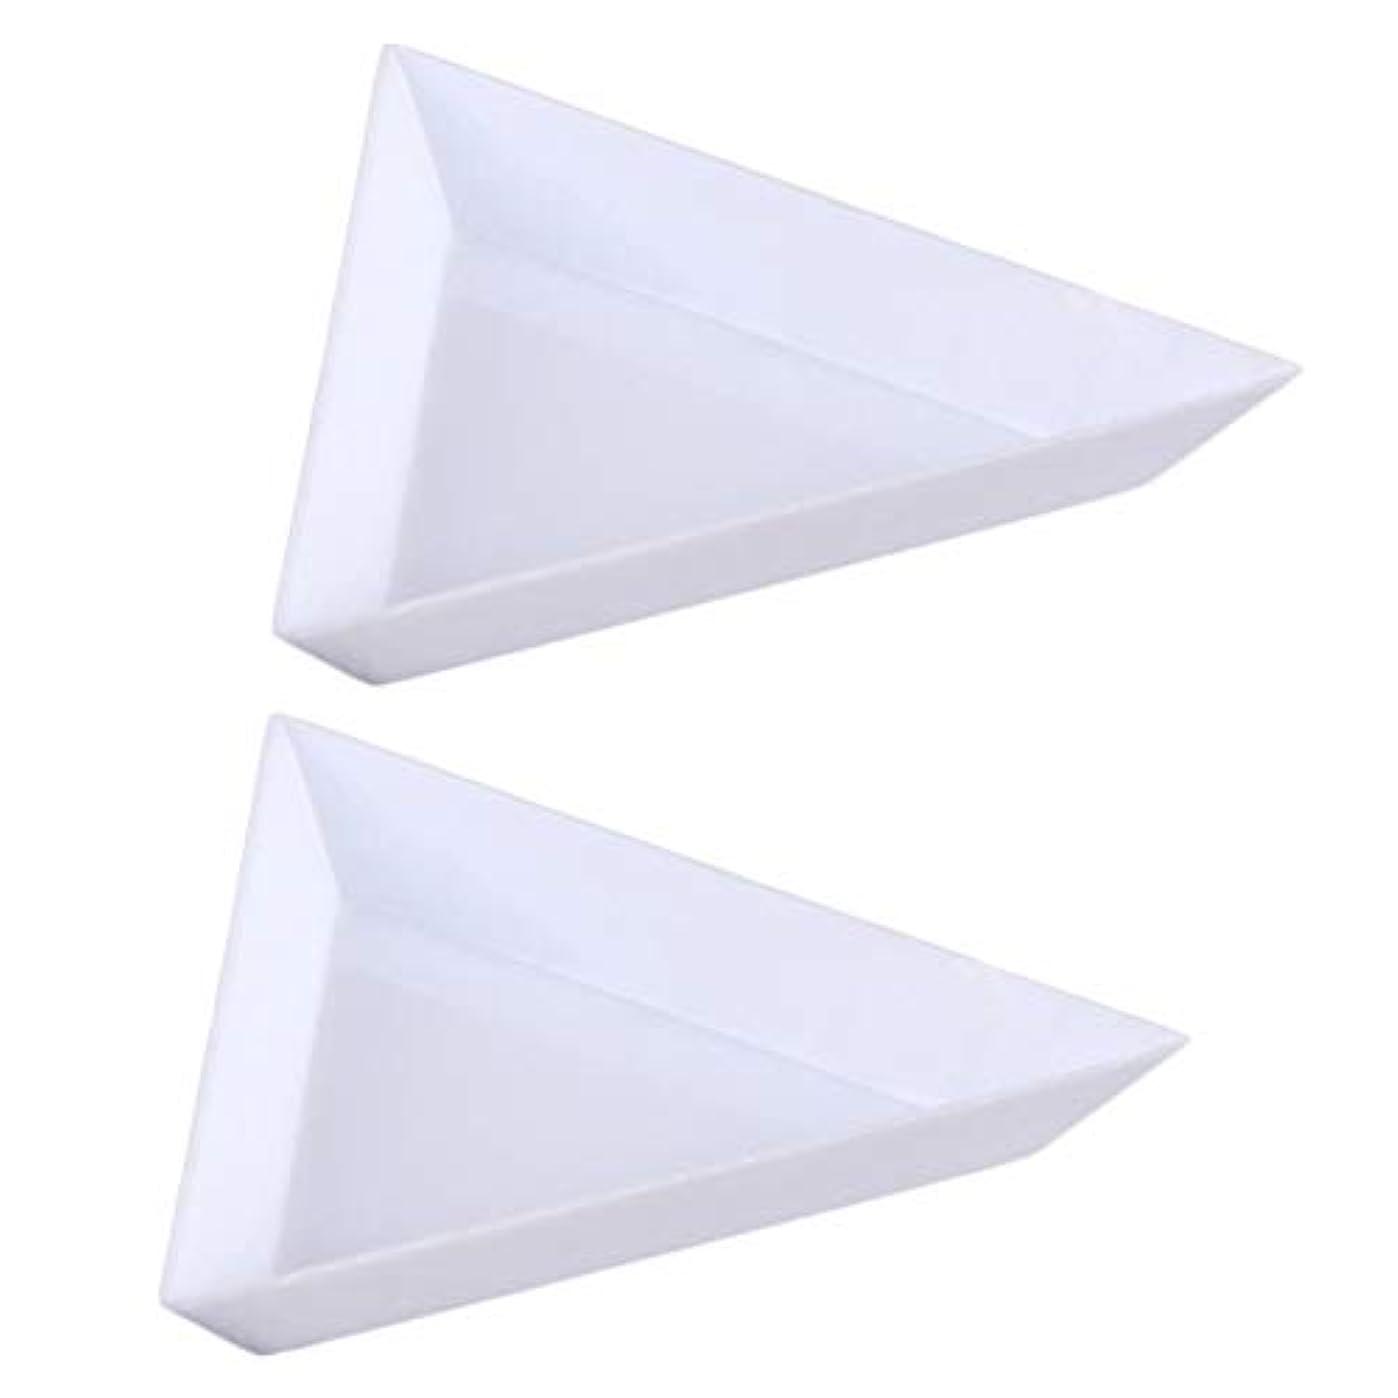 アプト不透明な興奮するTOOGOO 10個三角コーナープラスチックラインストーンビーズ 結晶 ネイルアートソーティングトレイアクセサリー白 DiyネイルアートデコレーションDotting収納トレイ オーガニゼーションに最適